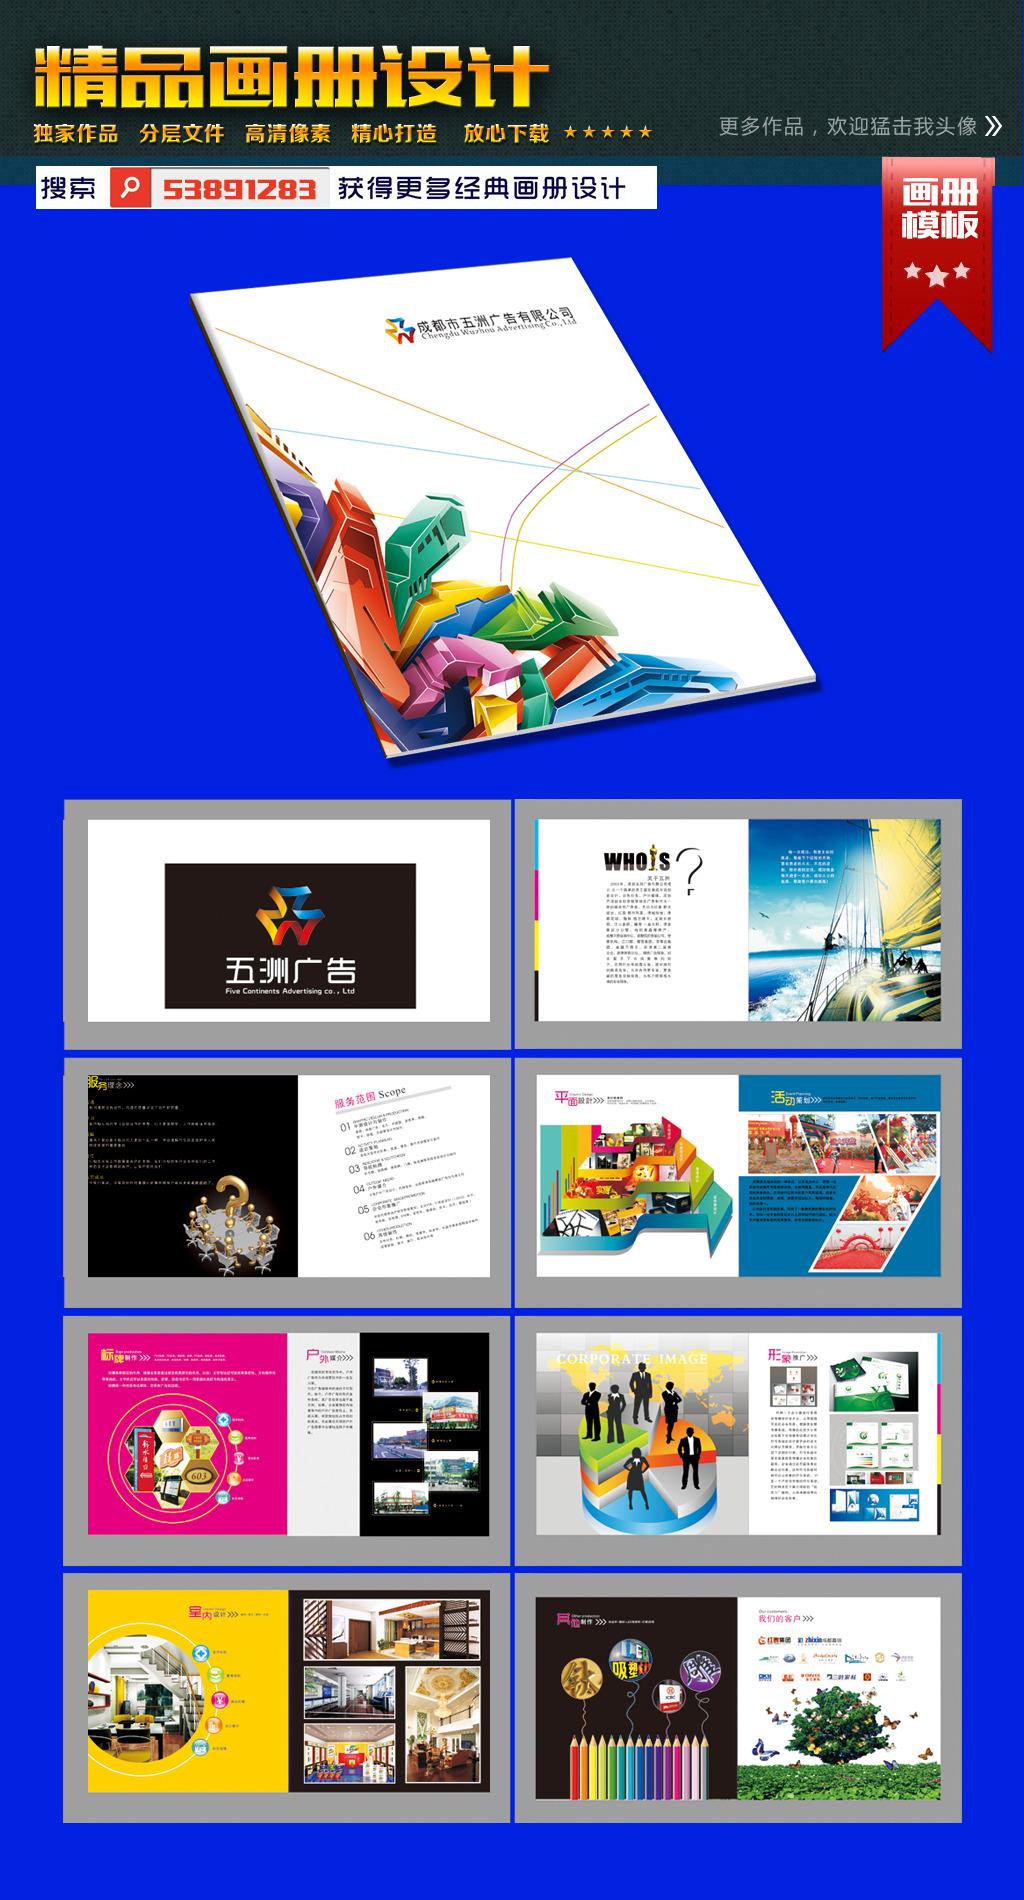 广告传媒装饰公司画册宣传册模板下载 广告传媒装饰公司画册宣传册